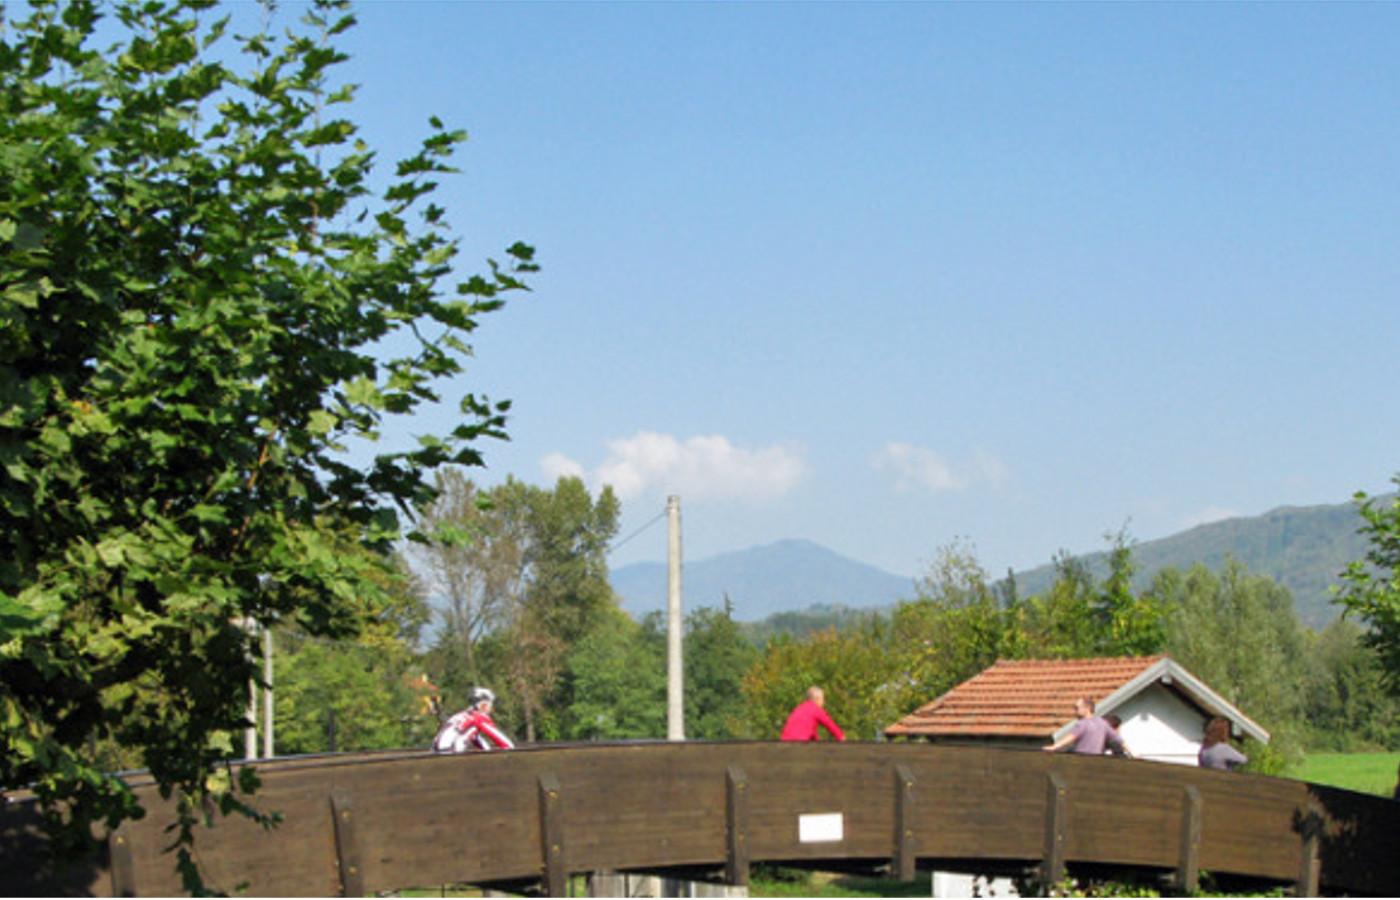 Roba da bambini - Giro del lago di Varese_d